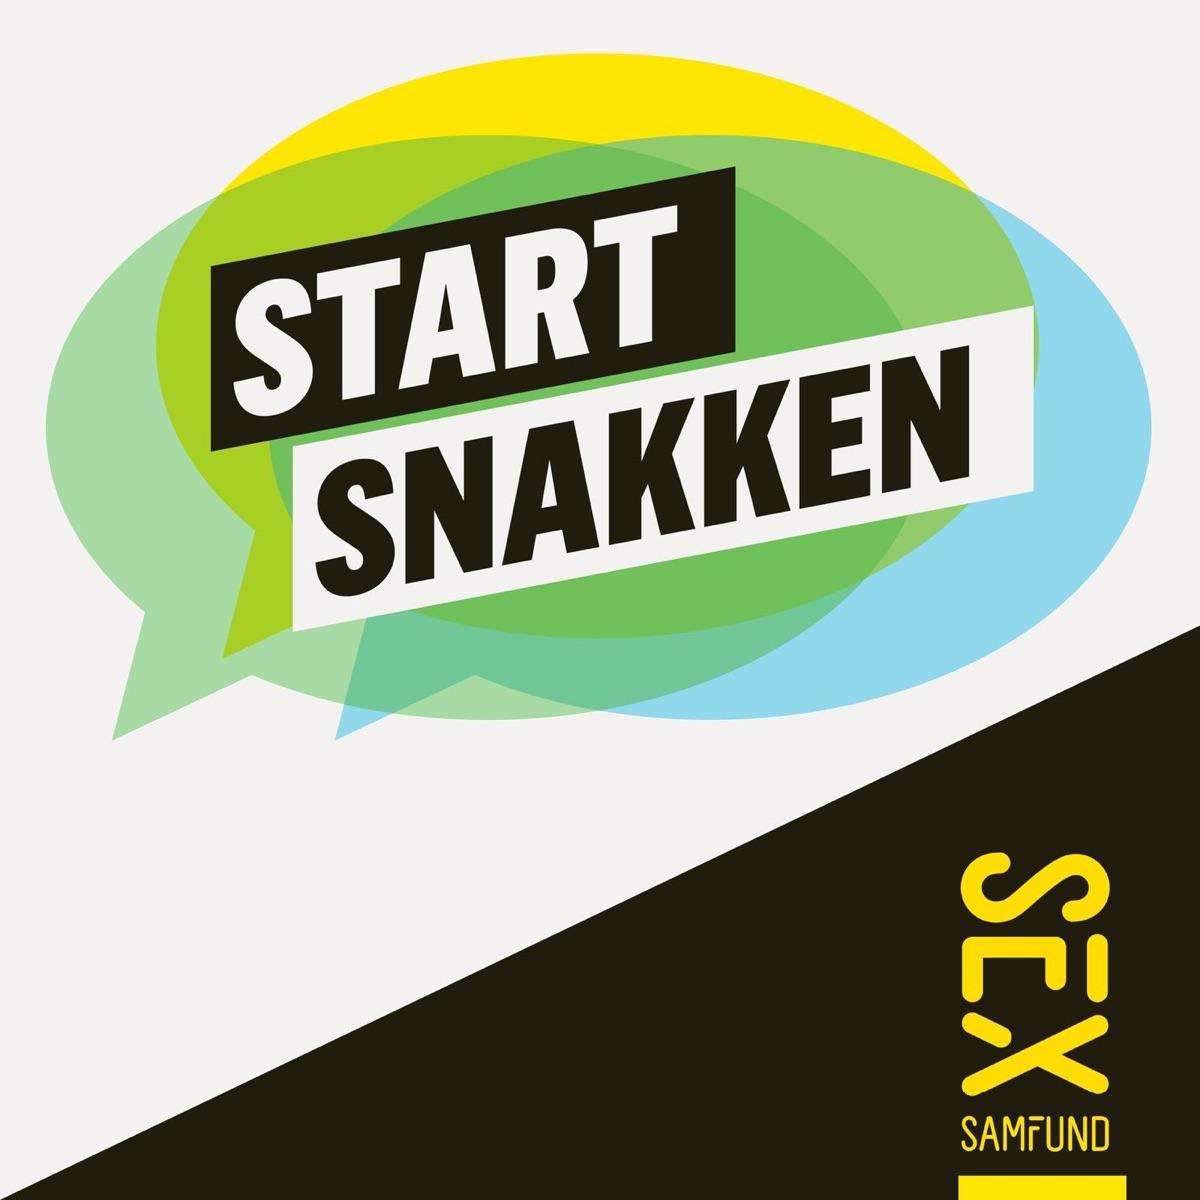 START SNAKKEN